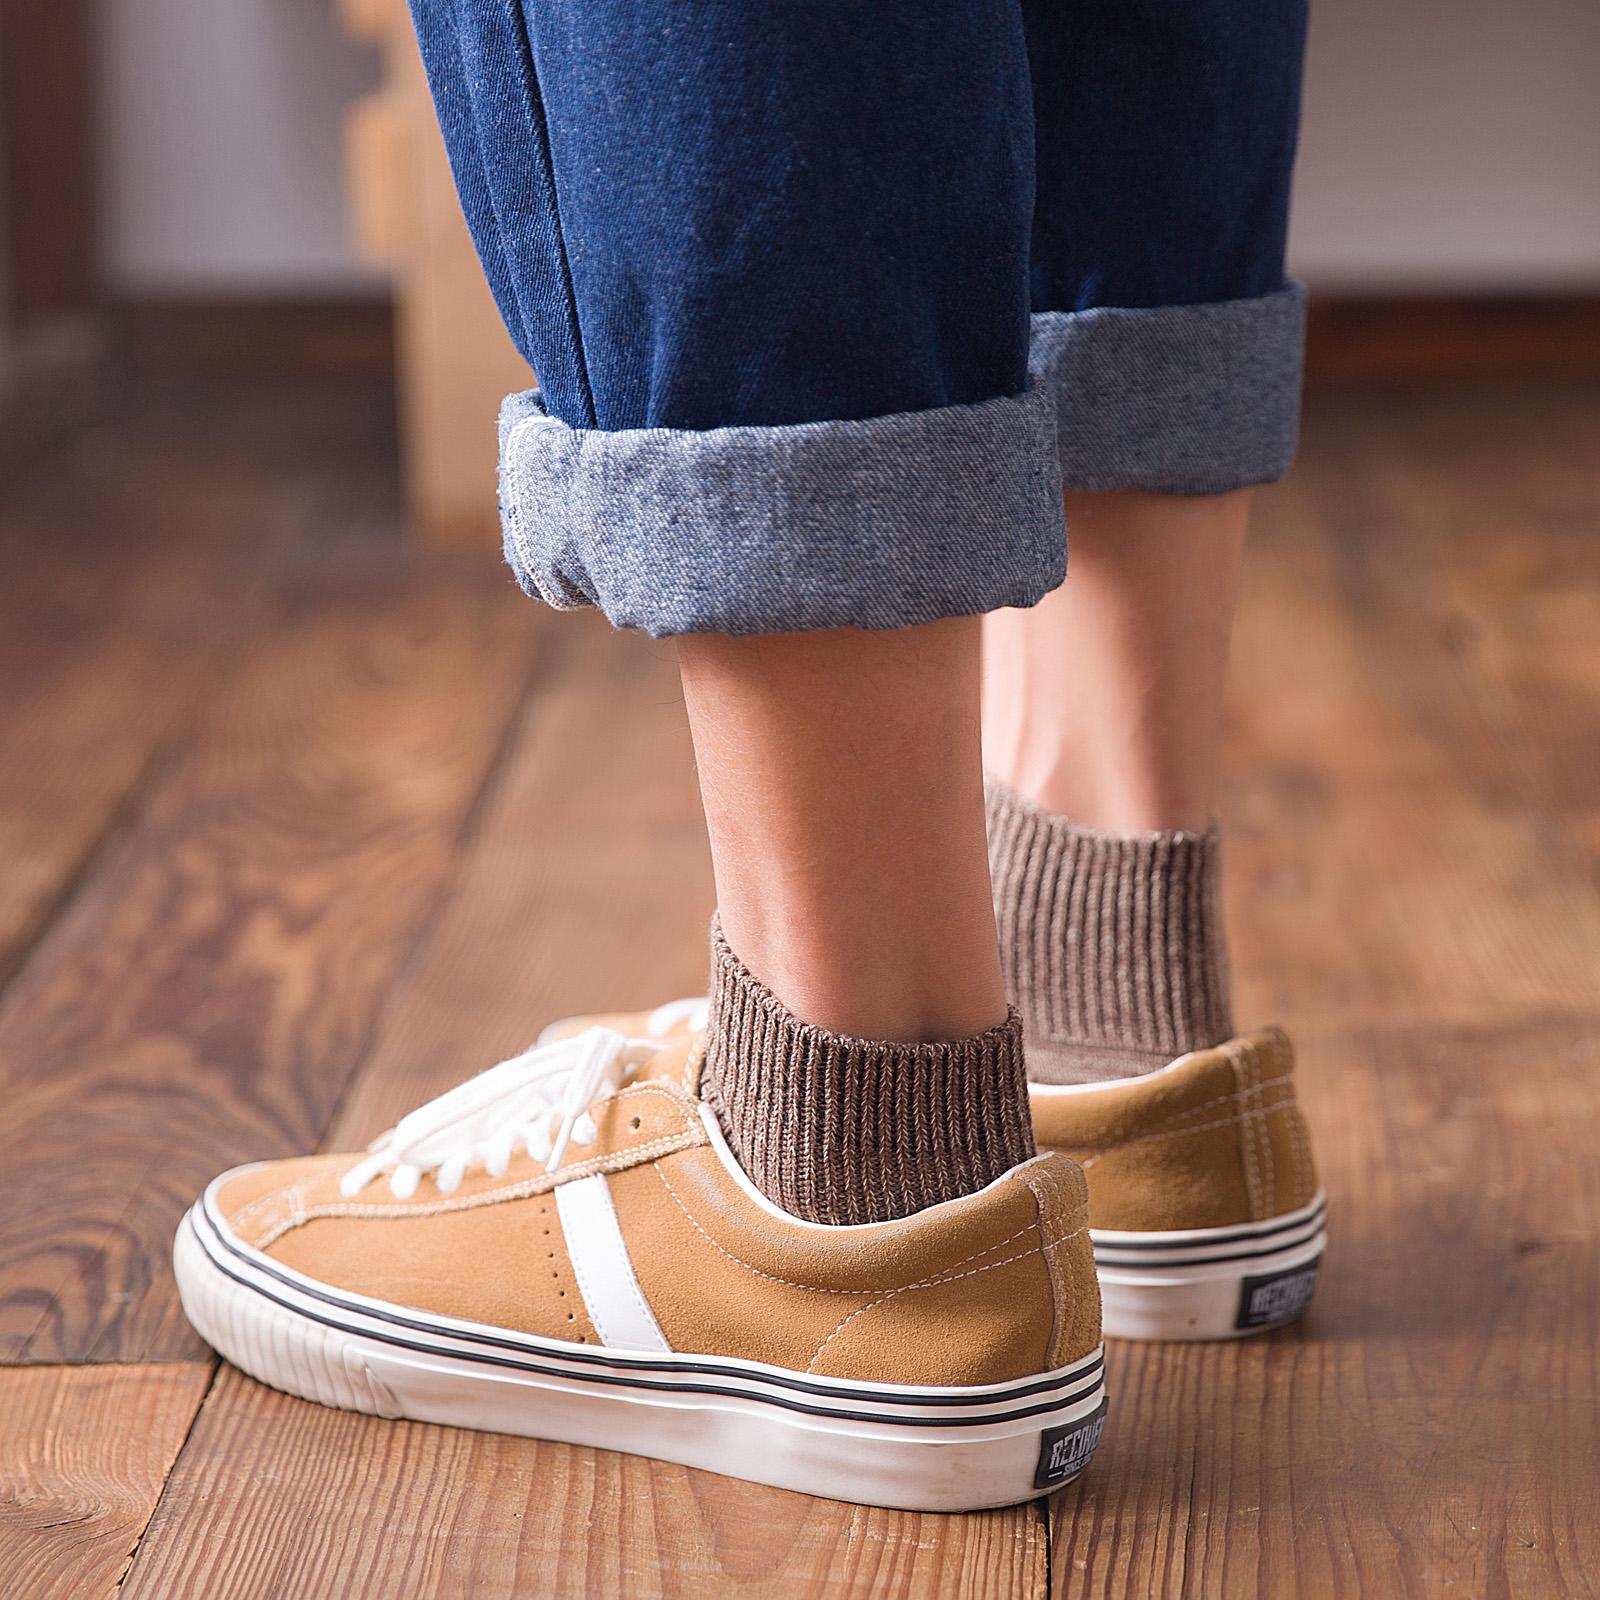 男袜子男士纯棉中筒袜防臭吸汗全棉毛线袜 潮流秋冬季长袜街头  ins